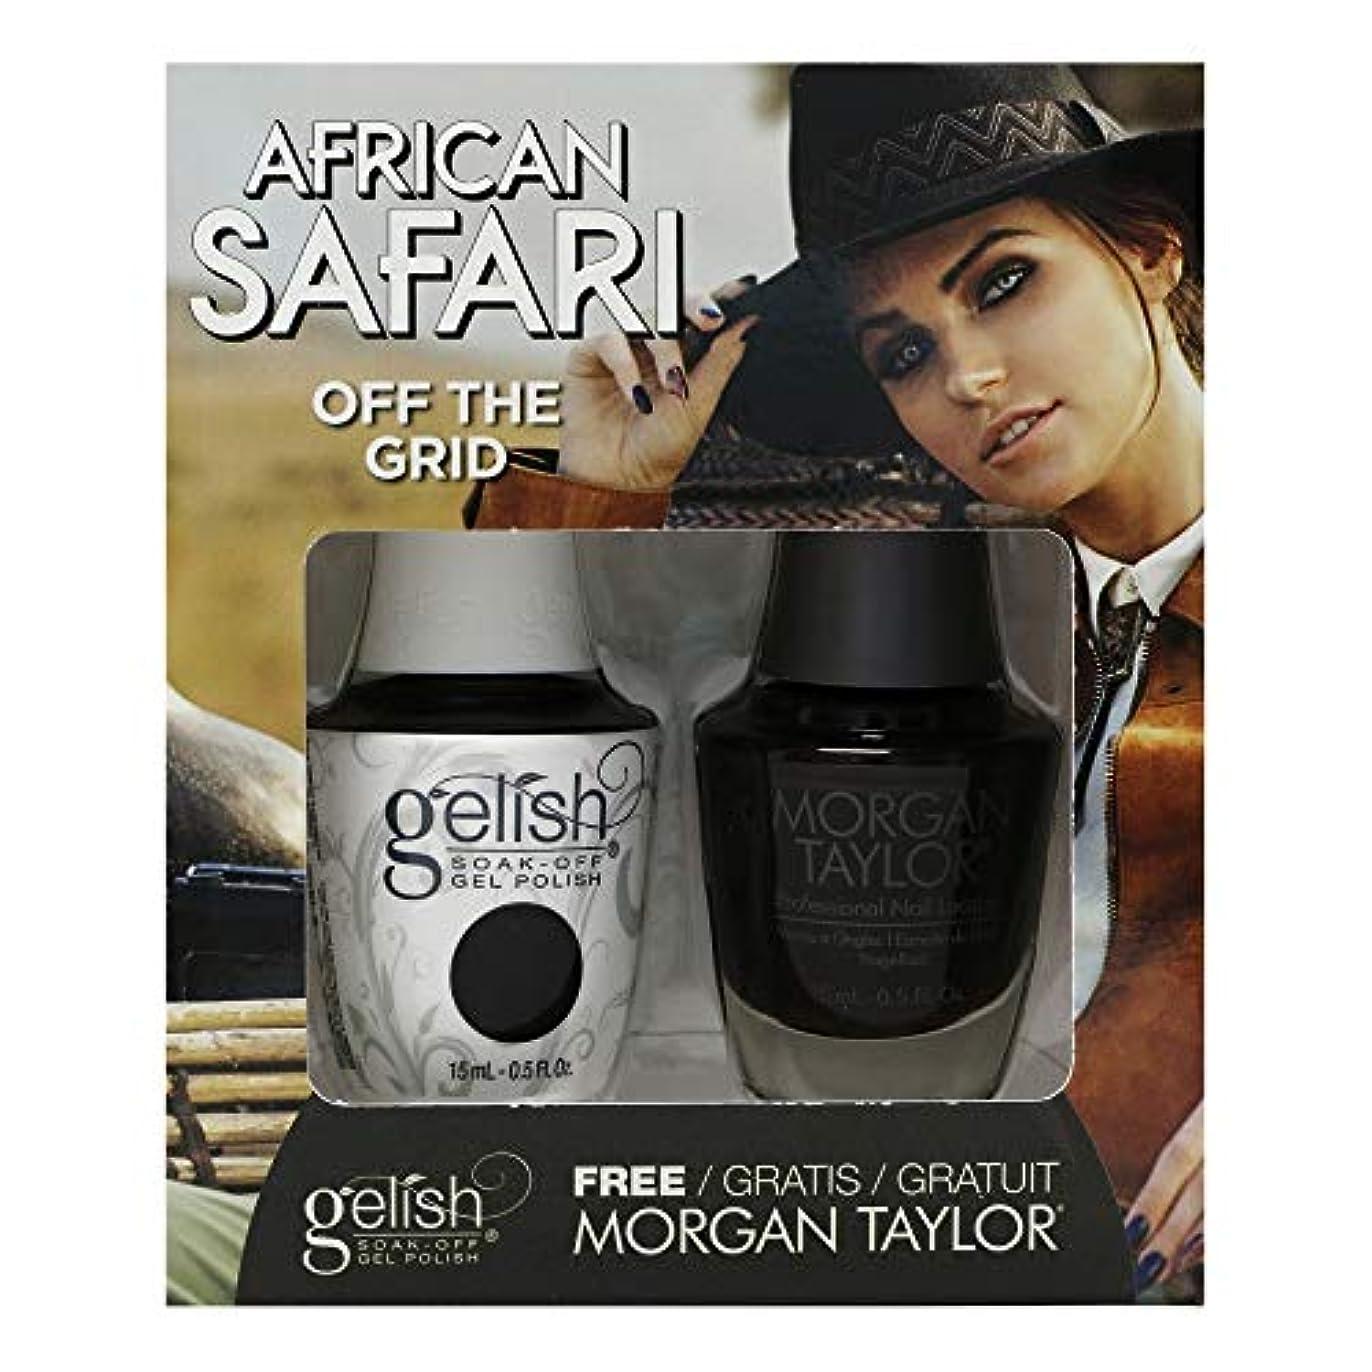 対角線物足りない気候Gelish - Two of a Kind - African Safari Collection - Off The Grid